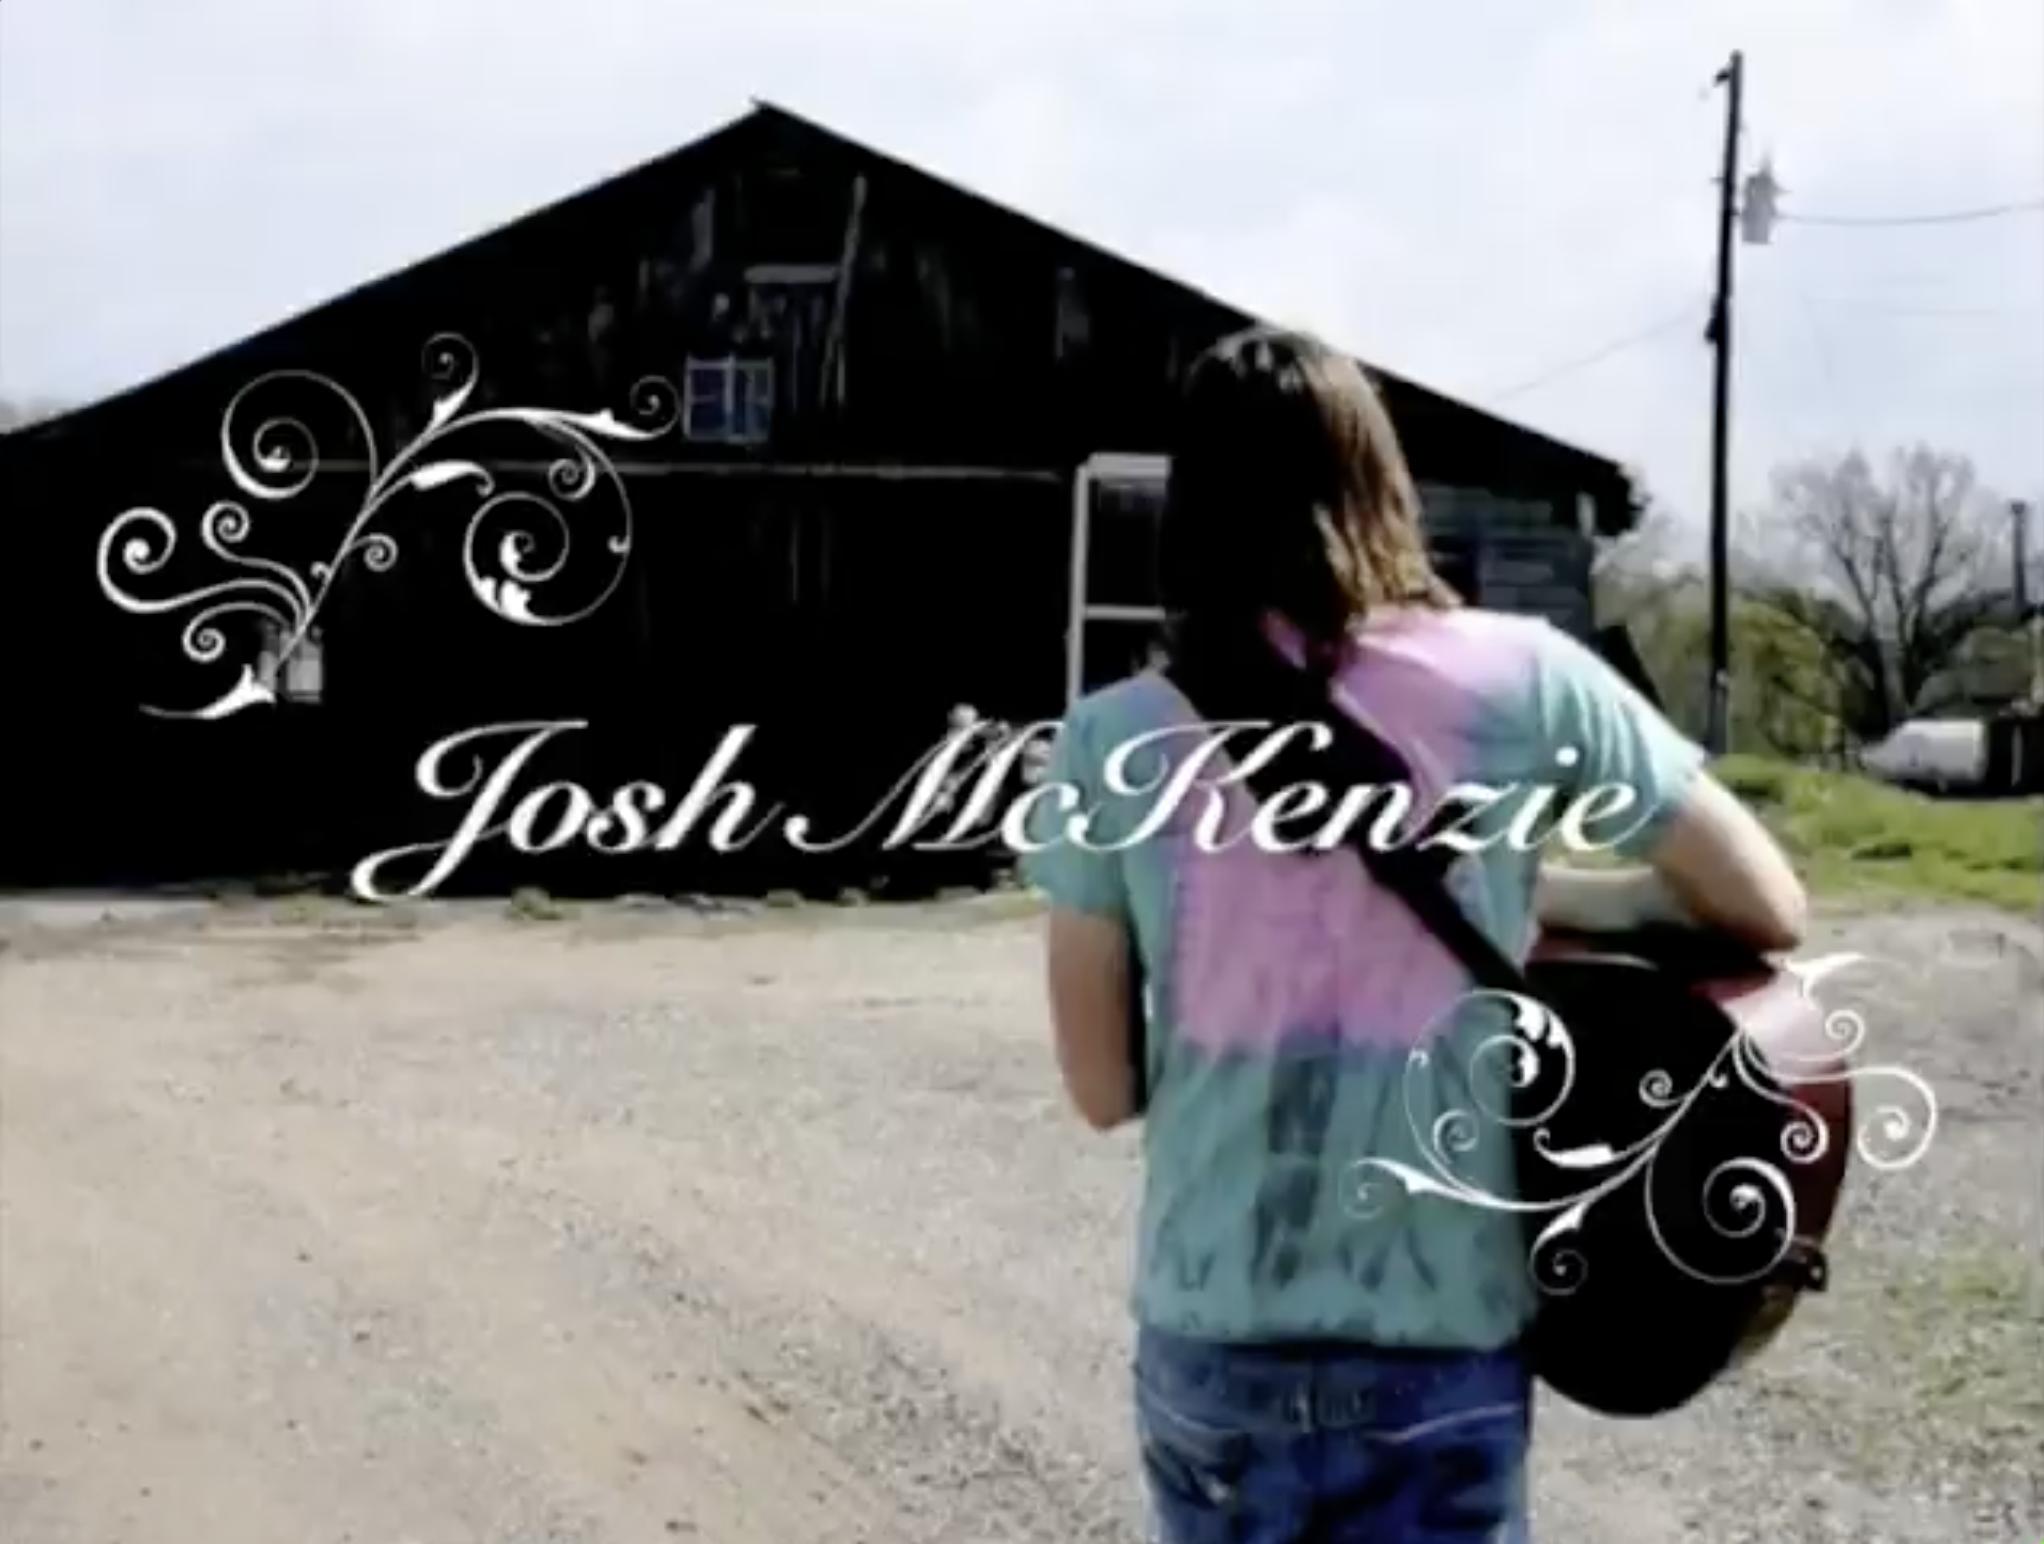 Josh McKenzie Full 1